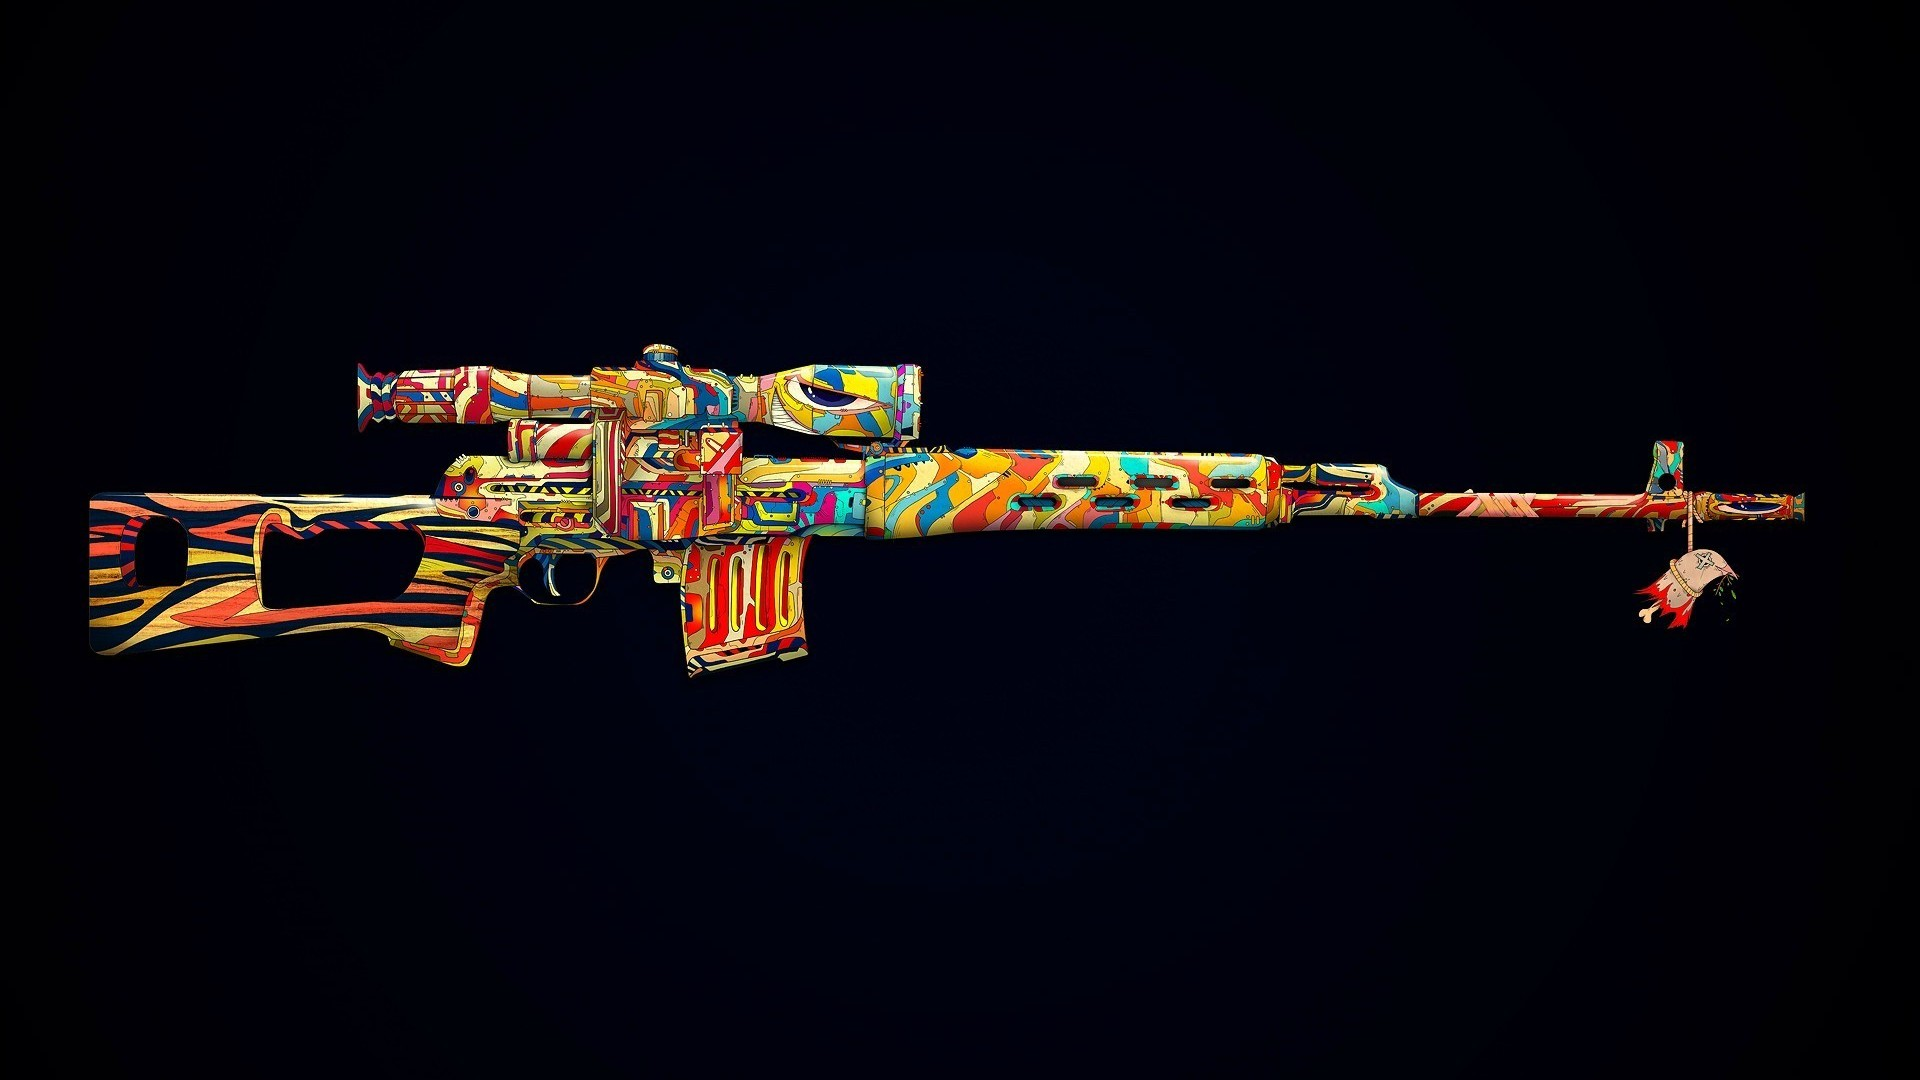 Colorized machine gun Wallpaper 2759 1920x1080